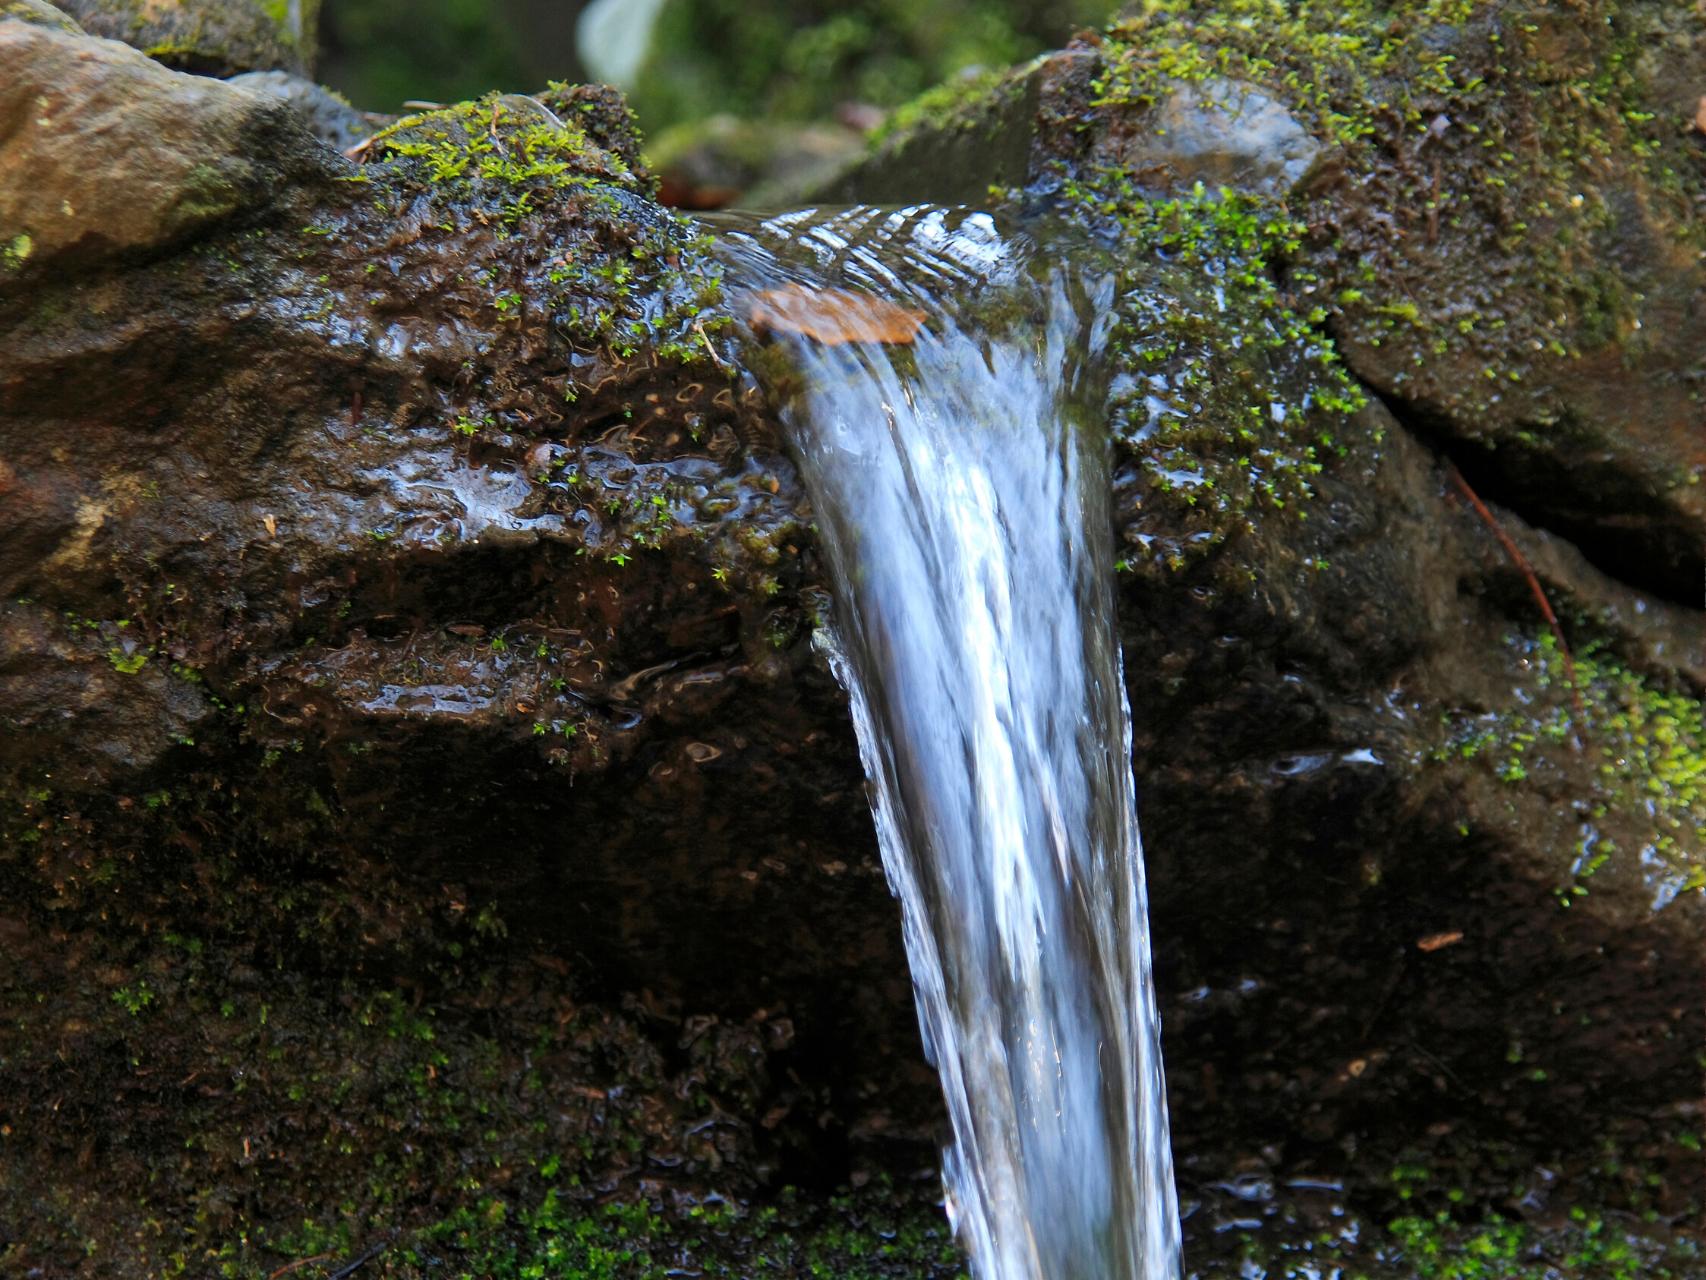 【おすすめ】フィルターがない活性水、怪しい「マナウォーター」を簡単徹底解説